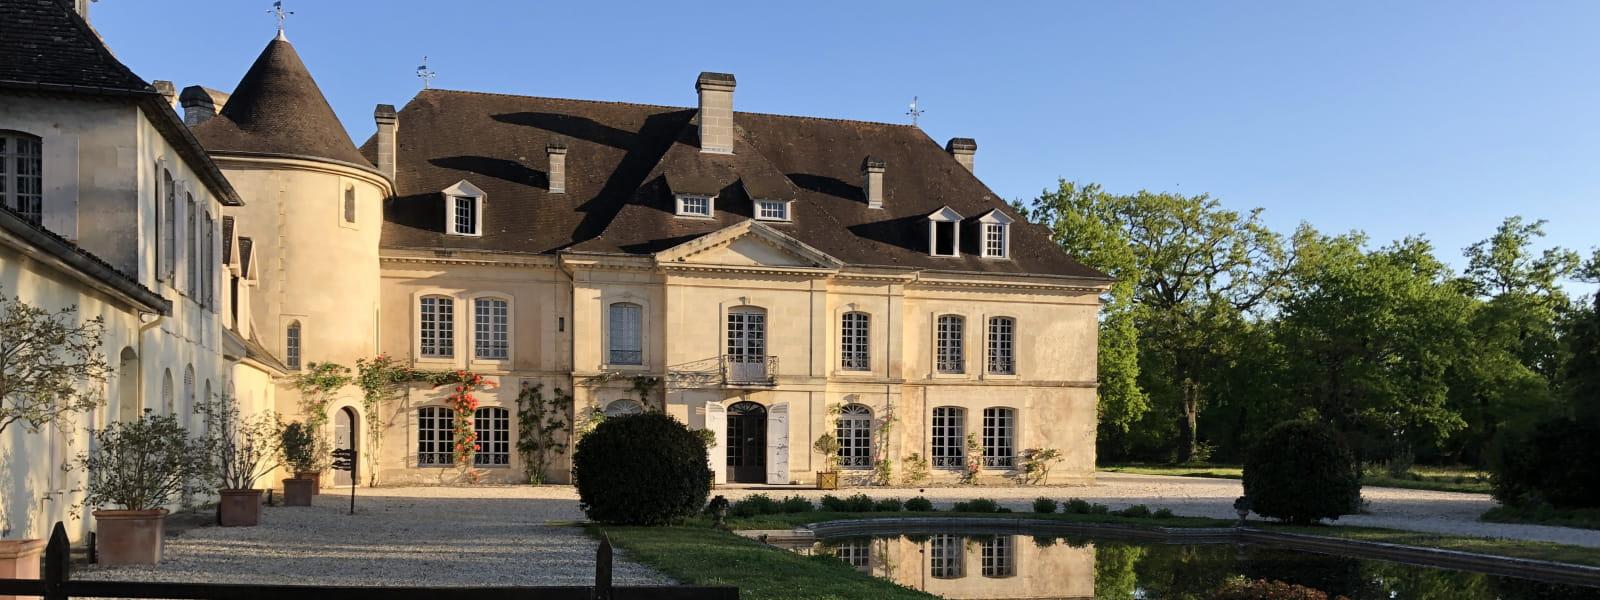 Entrée du château Bouscaut avec vue sur son bassin